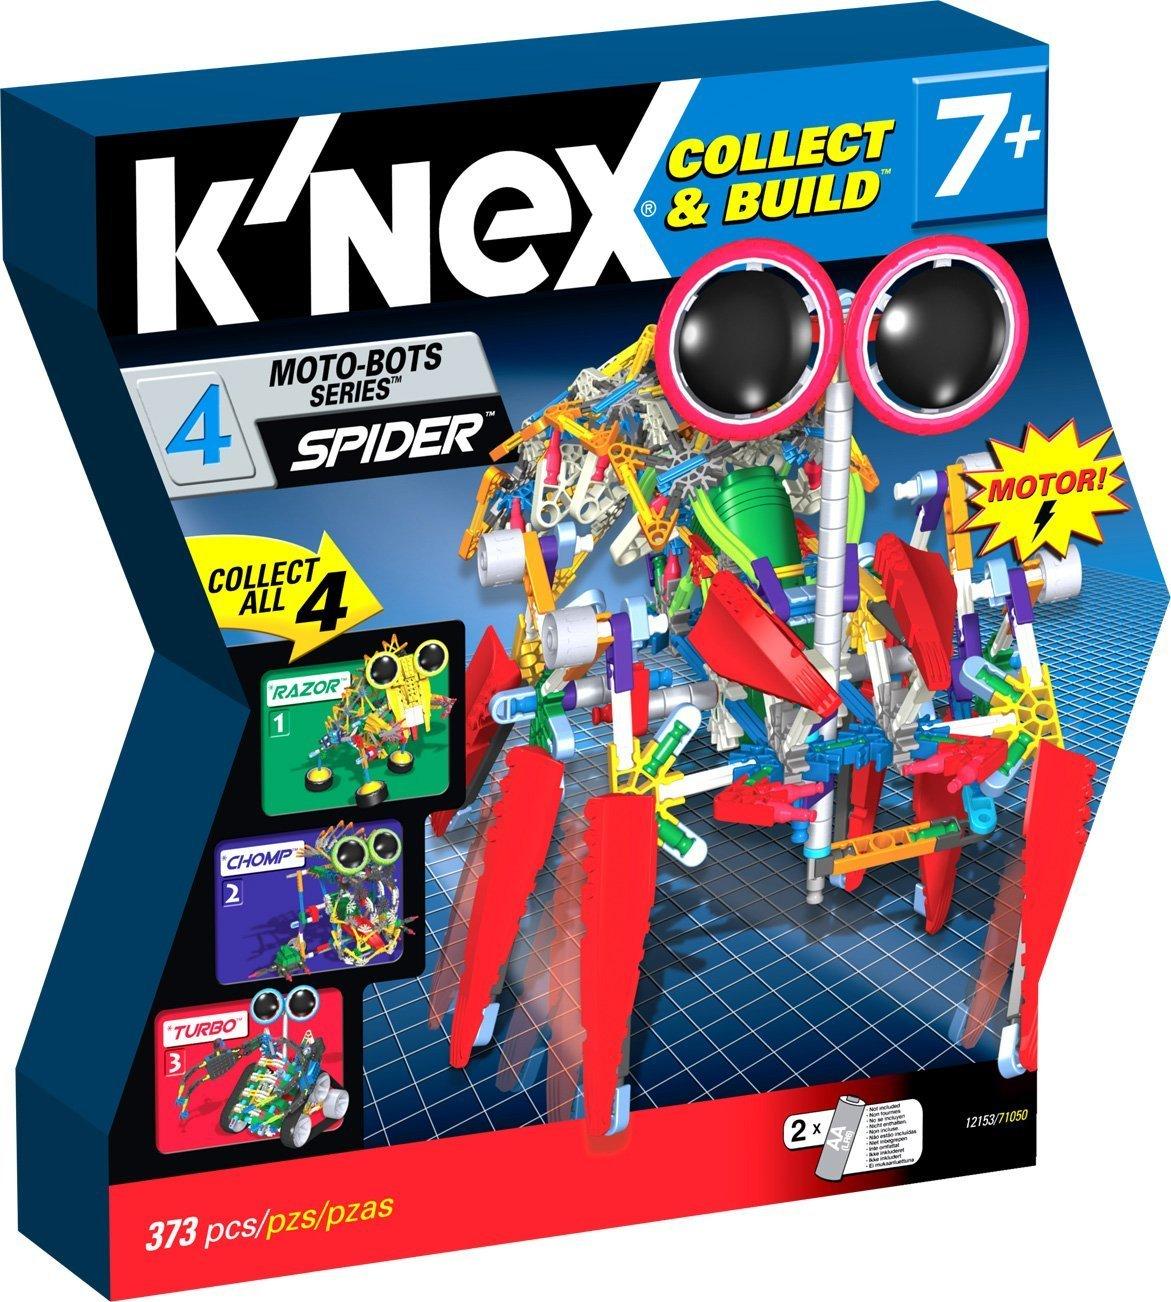 Tomy 71050 - K'nex 7+ - Moto-Bots >Spider Bot< (rot)